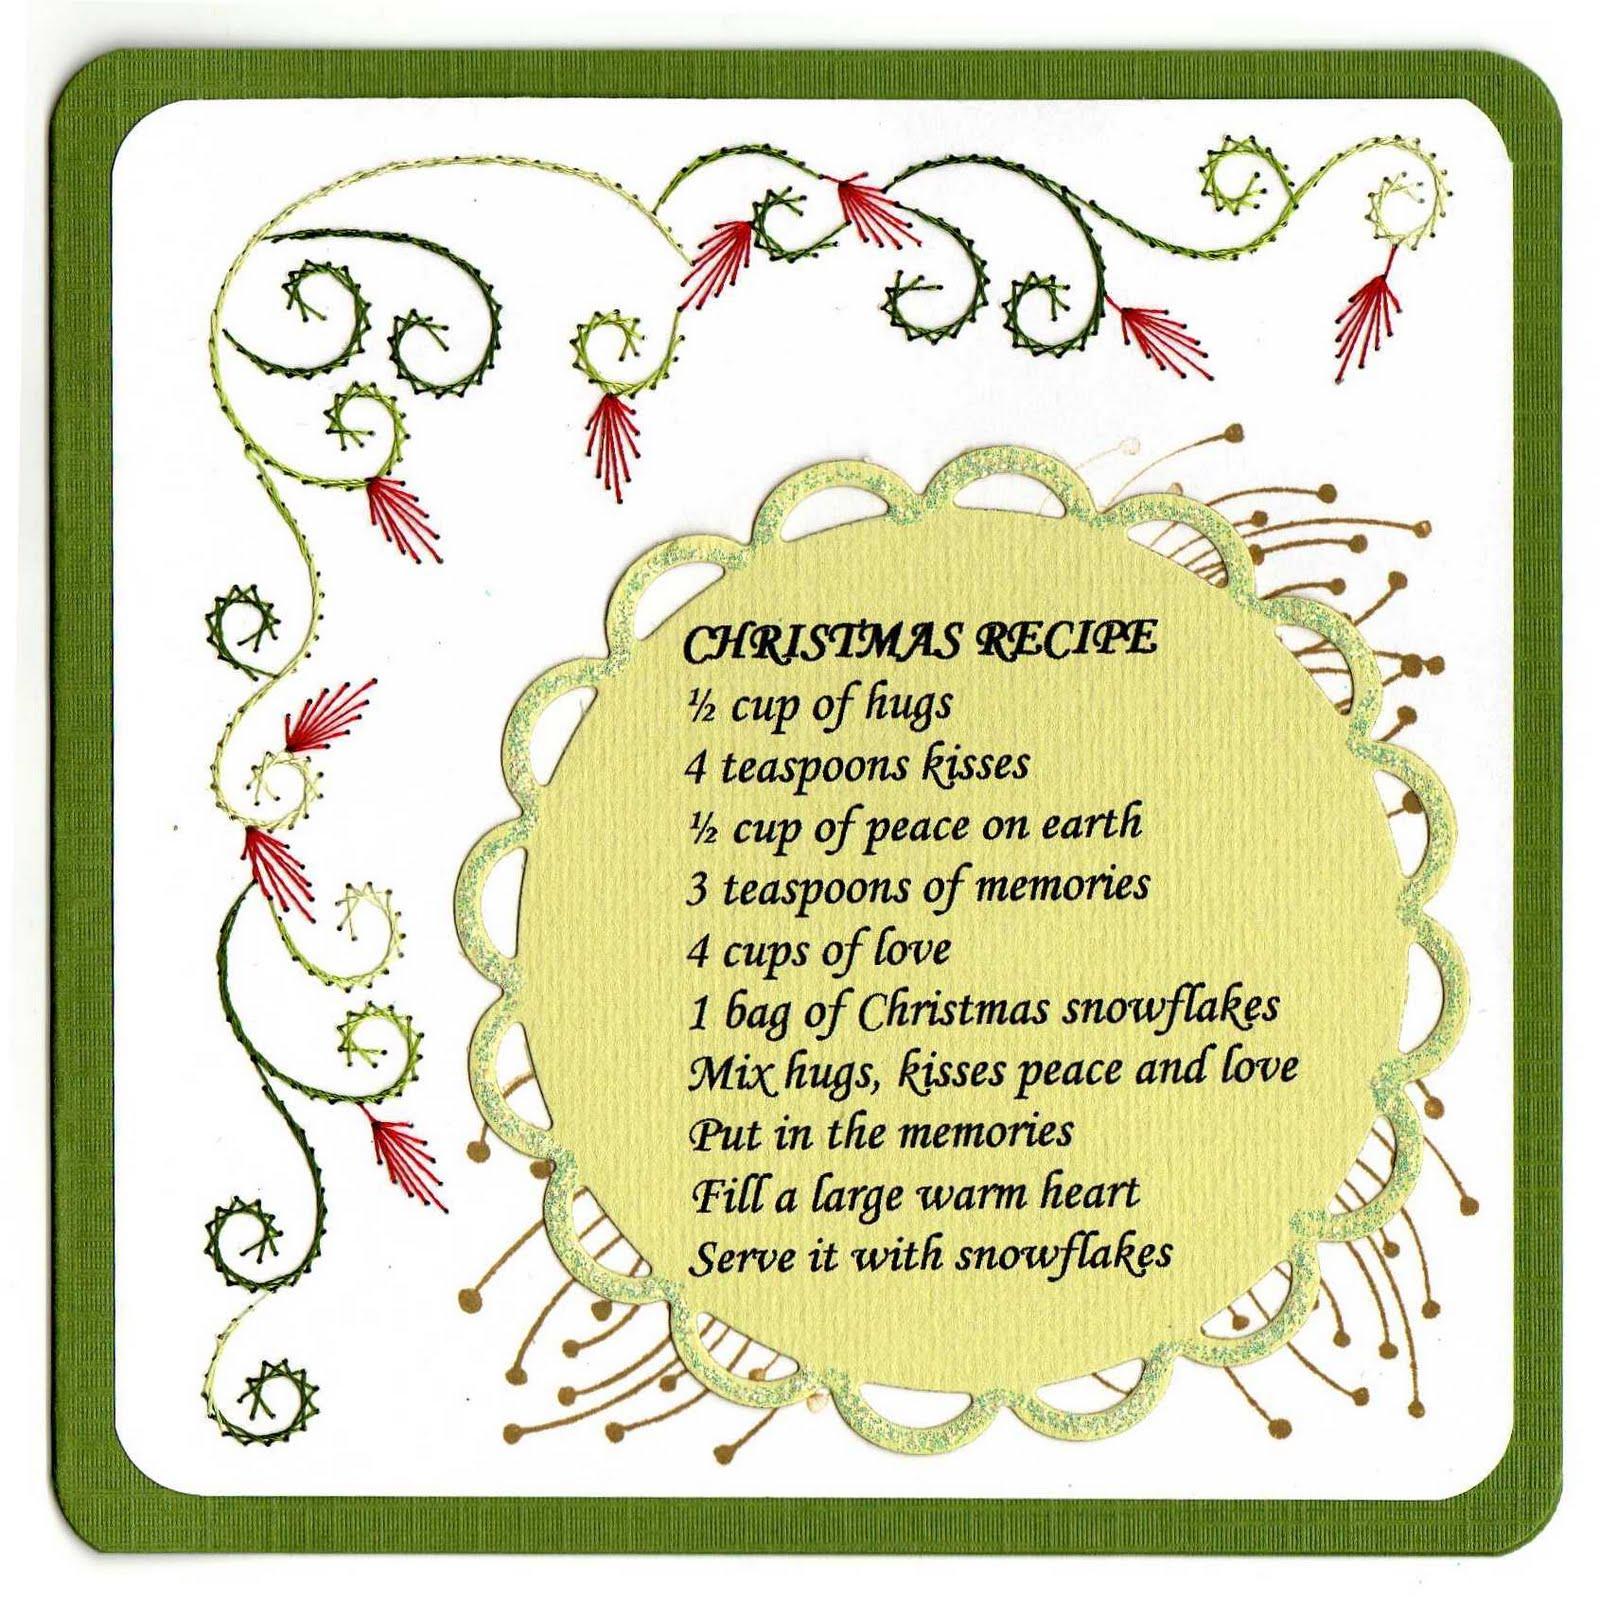 creapleeg: kerstkaart met gedicht